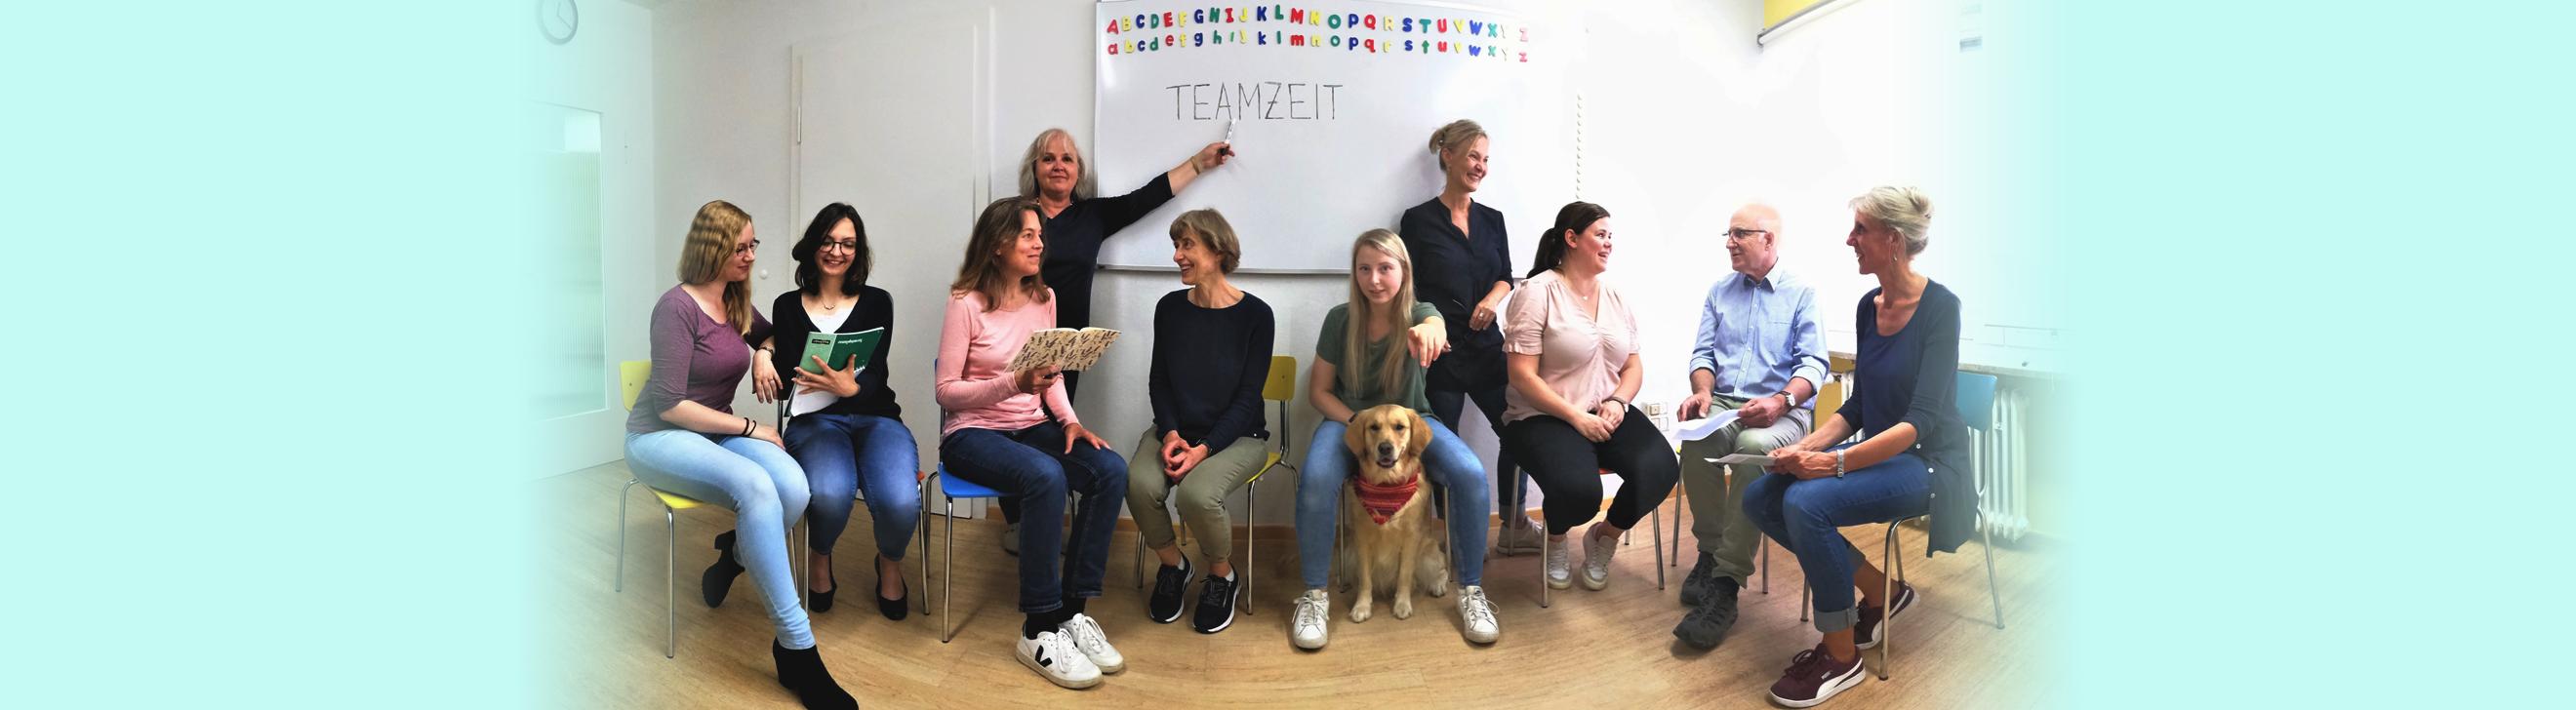 Team Ergotherapie Branz München